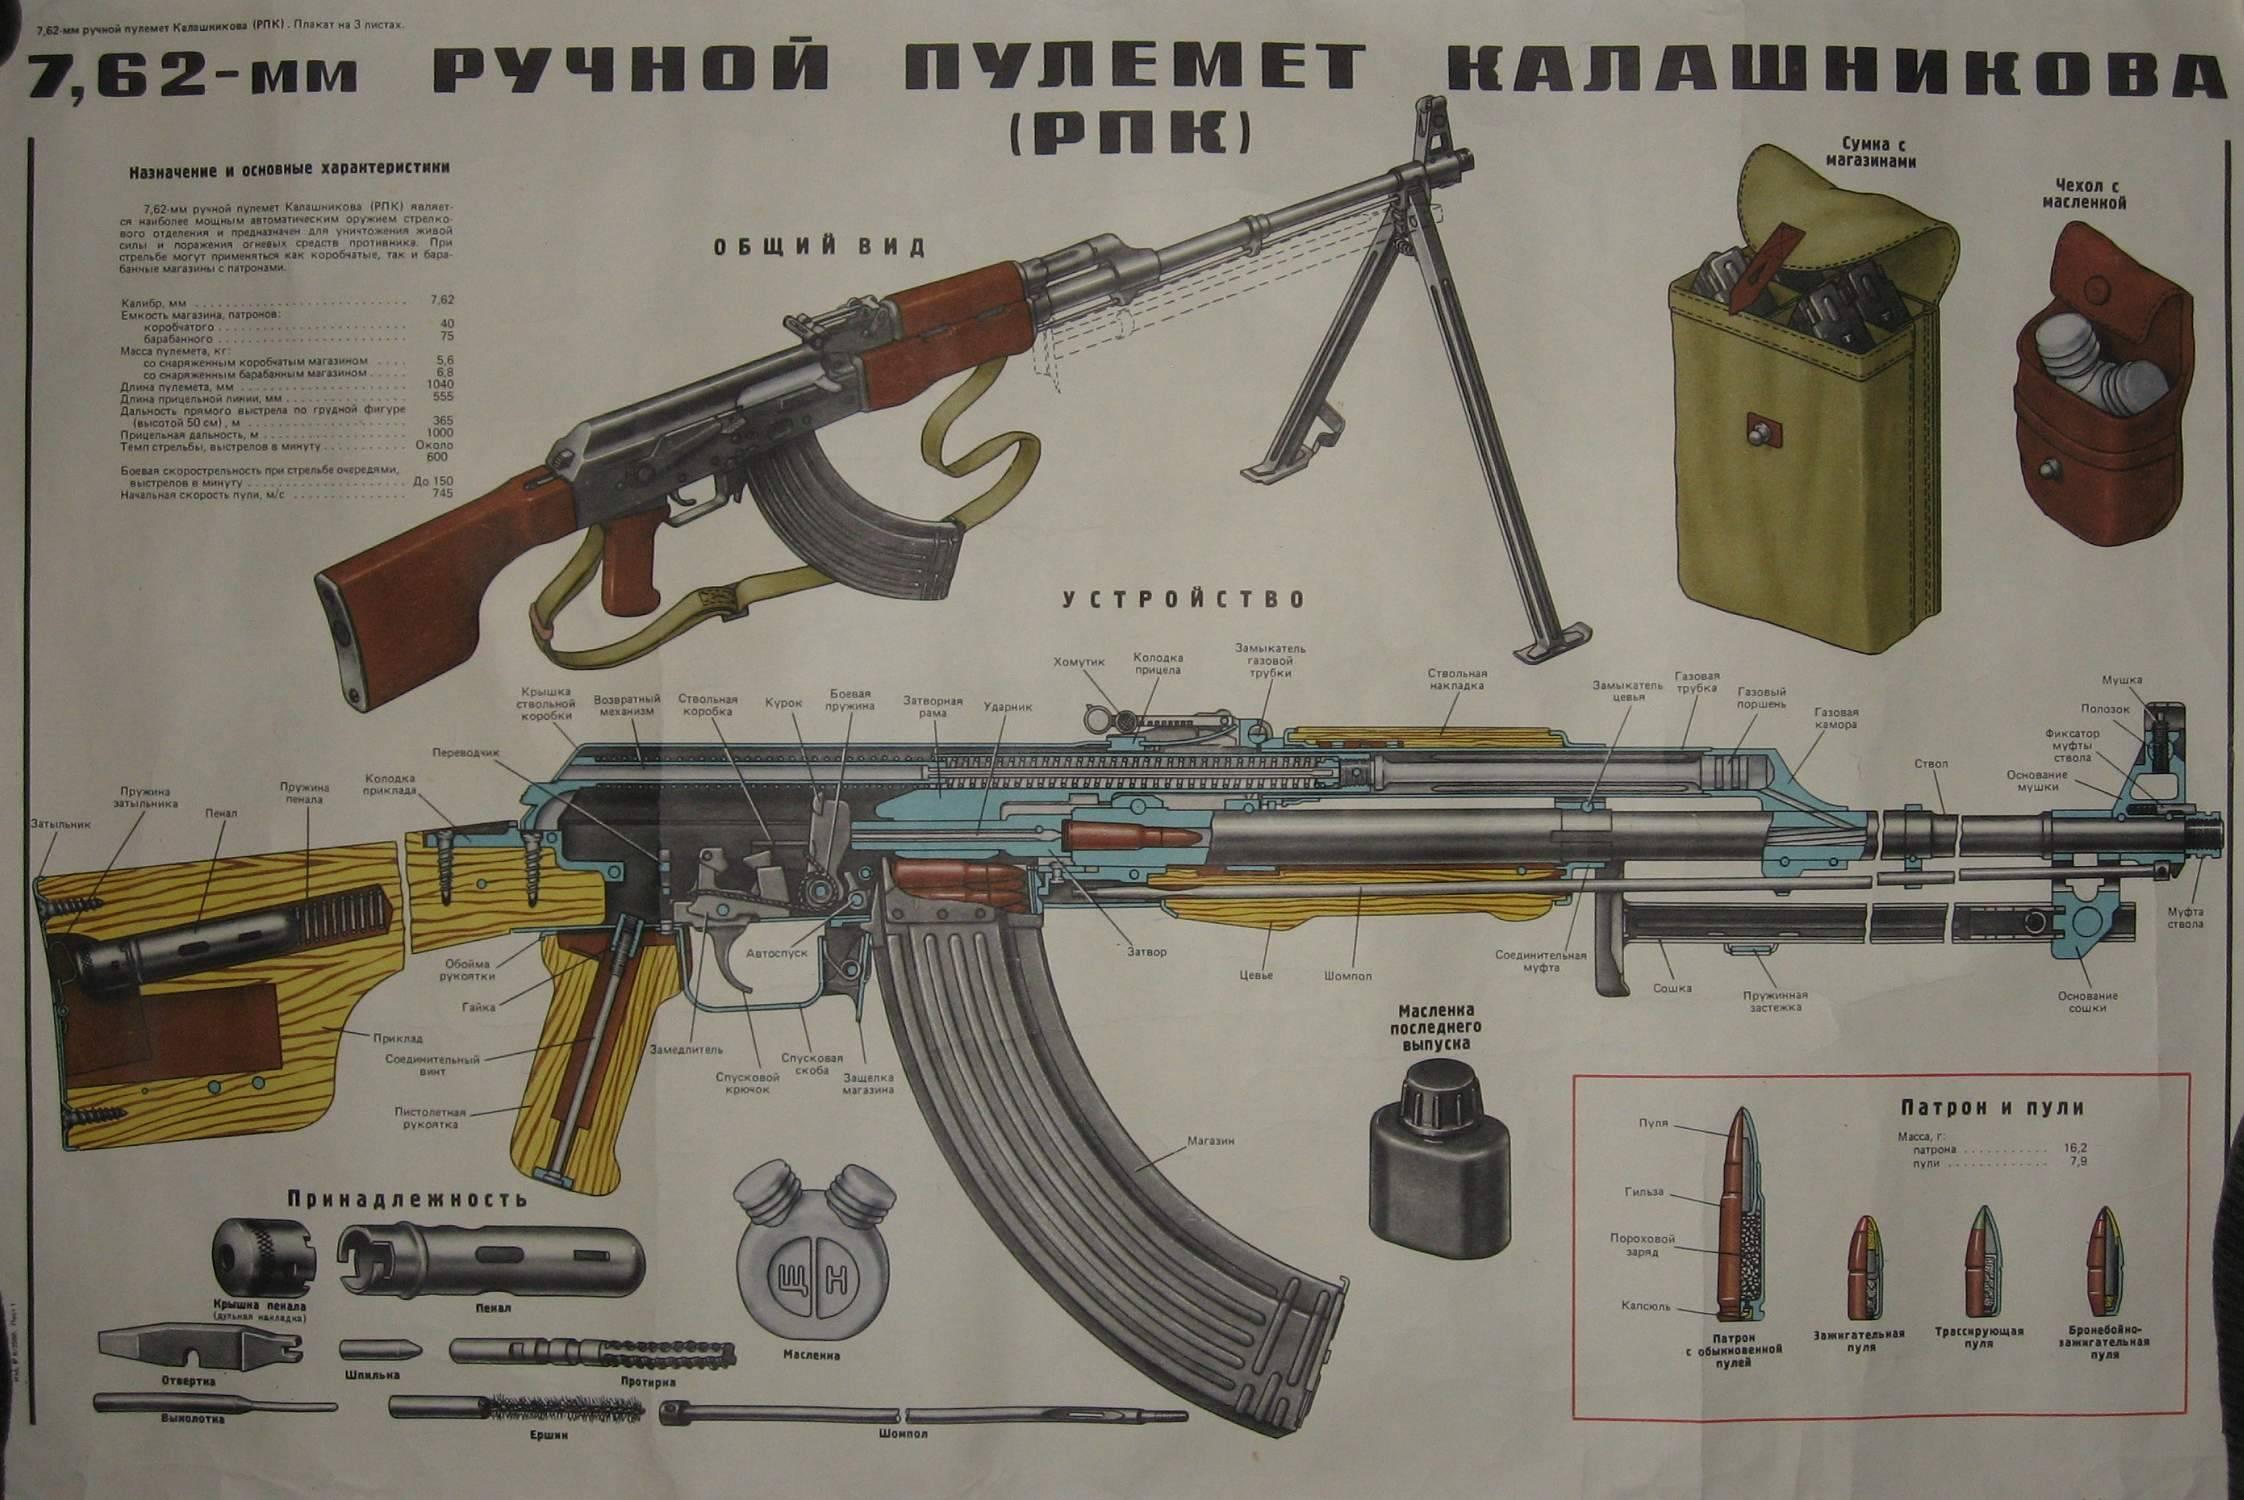 Рпк-16